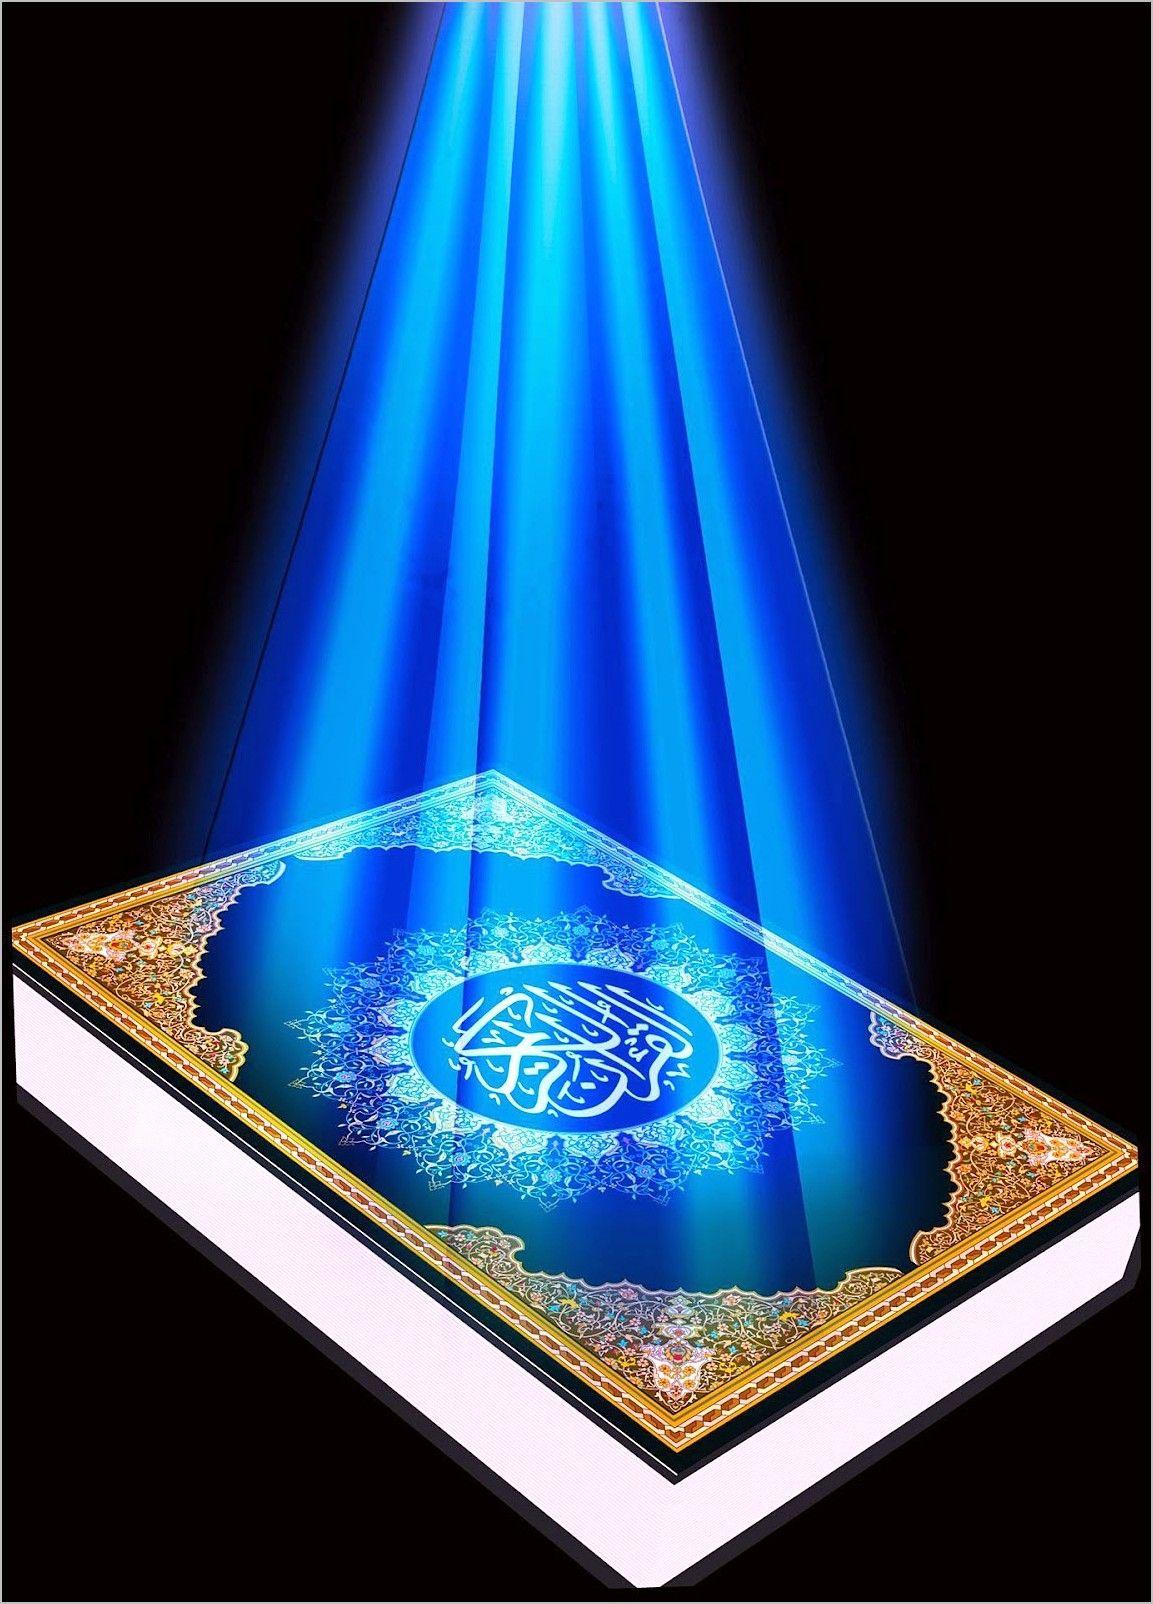 Al Quran 4k Wallpaper Quran Quran Wallpaper Quran Book